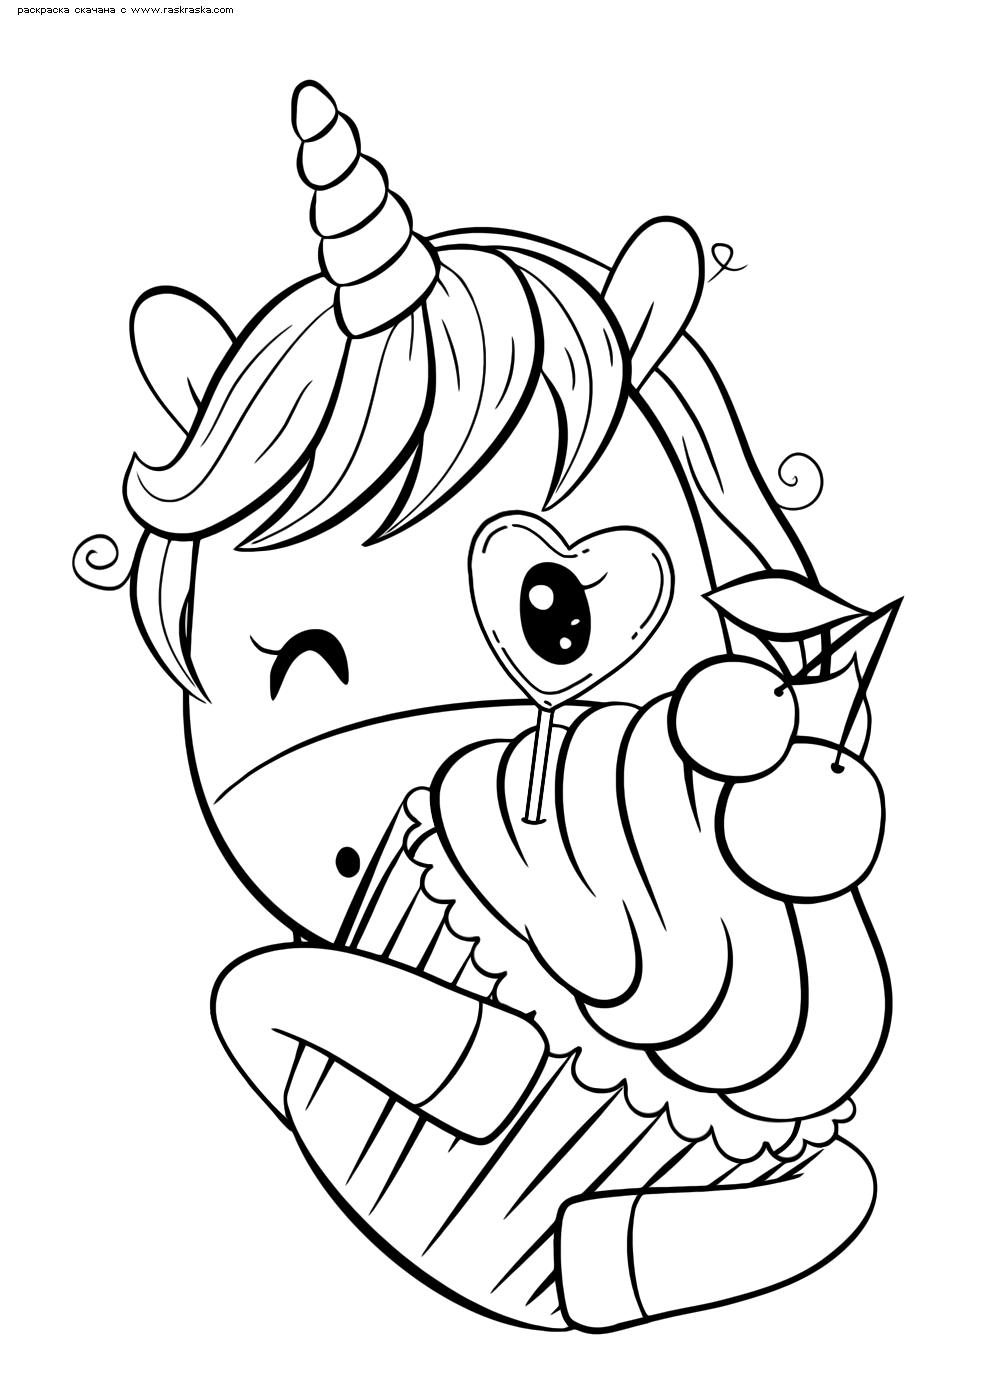 Раскраска Единорожек | Раскраски няшных животных. Милые ...